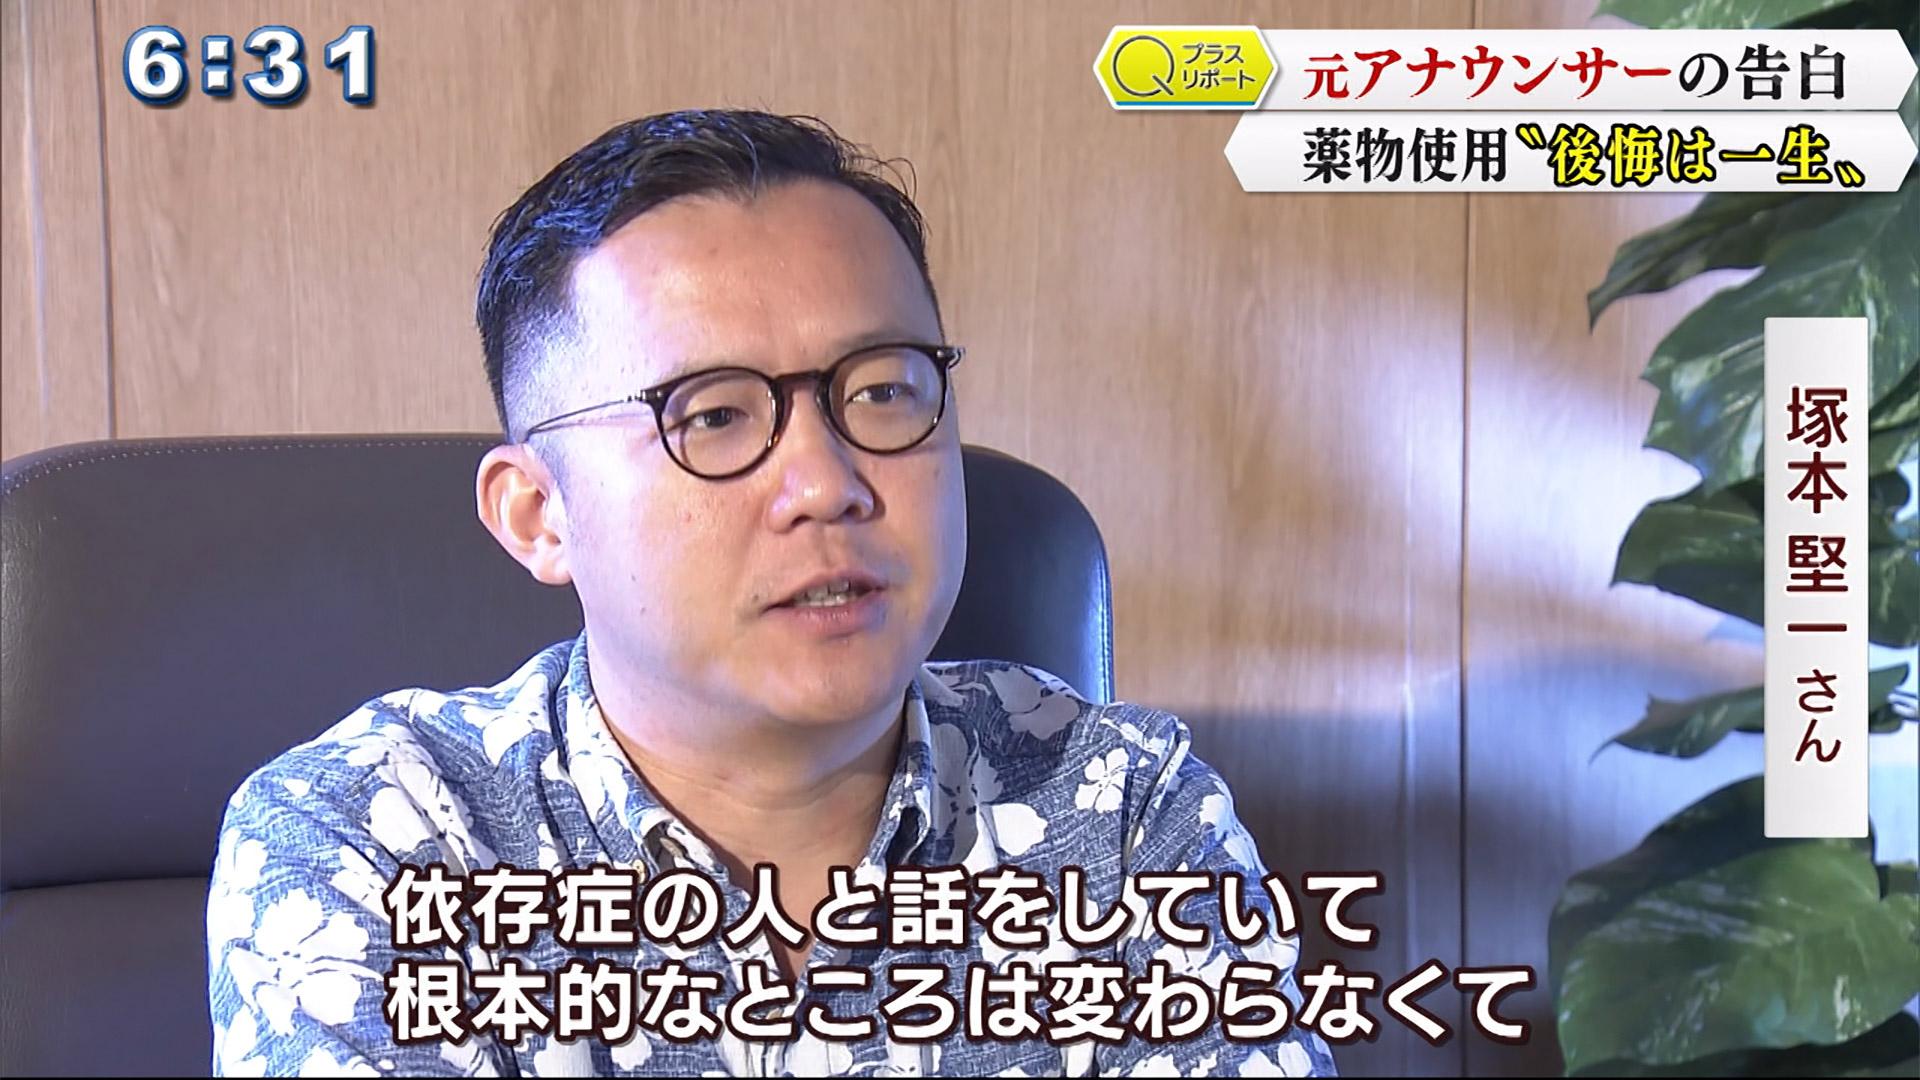 塚本 薬物 nhk アナウンサー 塚本堅一・NHKアナウンサー、危険ドラッグ所持で逮捕 「ニュースシブ5時」出演